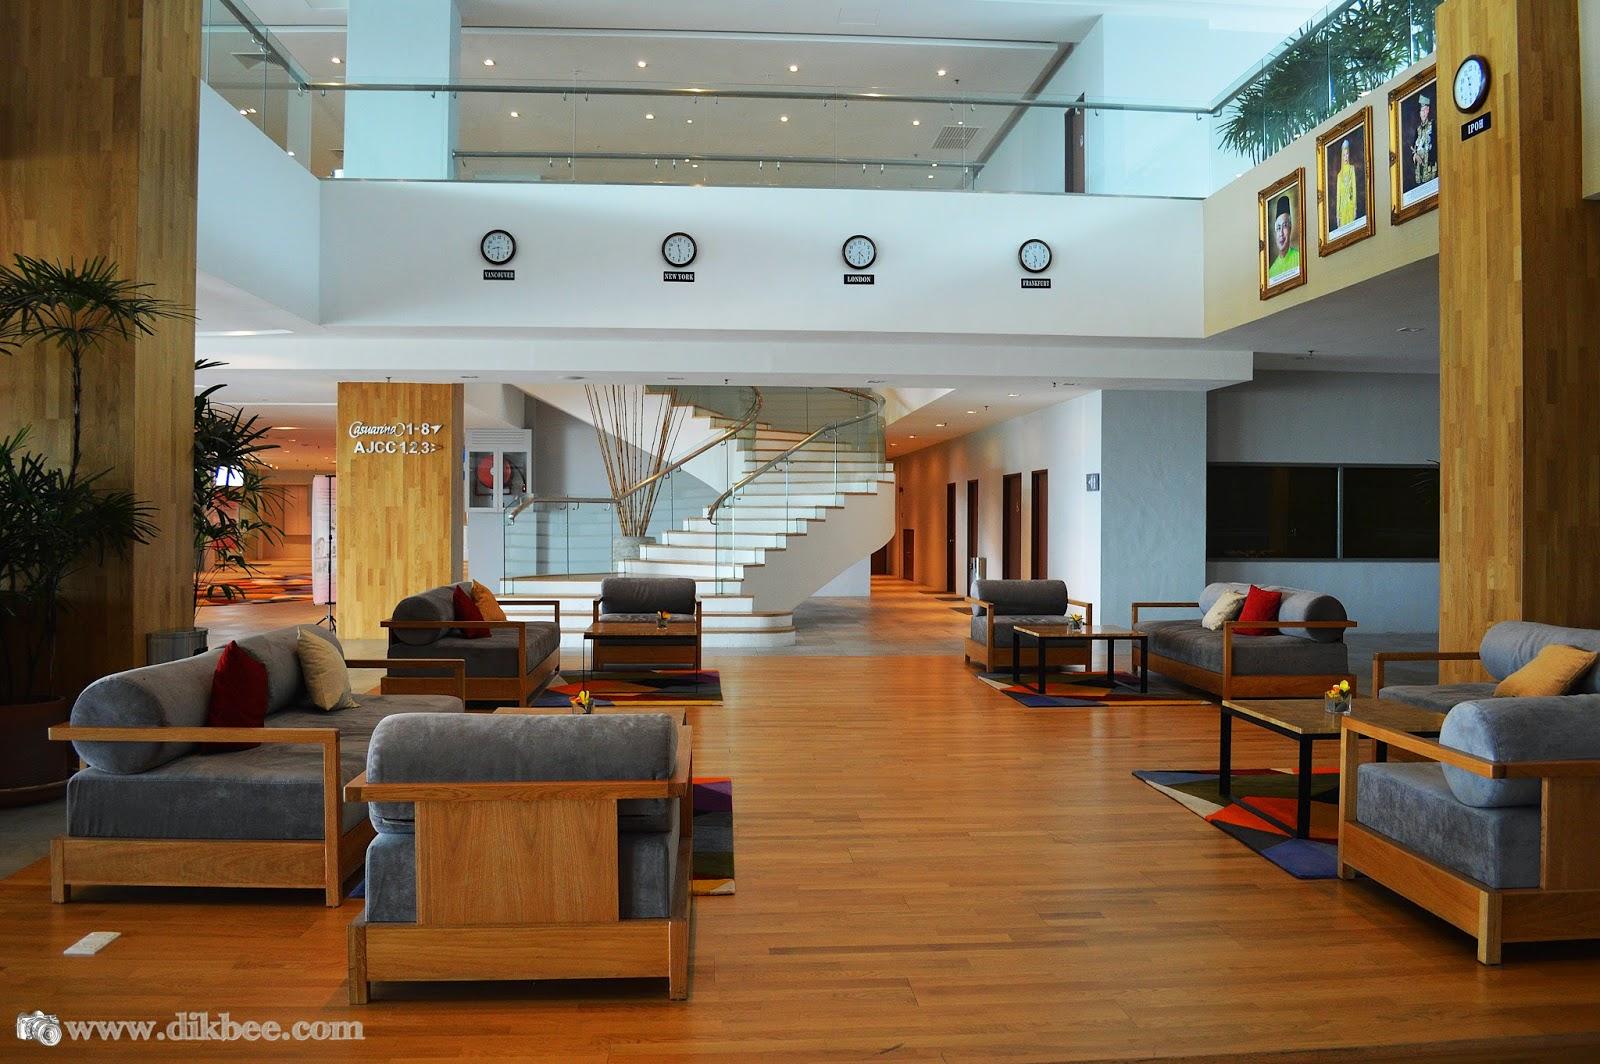 Ruang Lobi Hotel Casuarina @ Meru